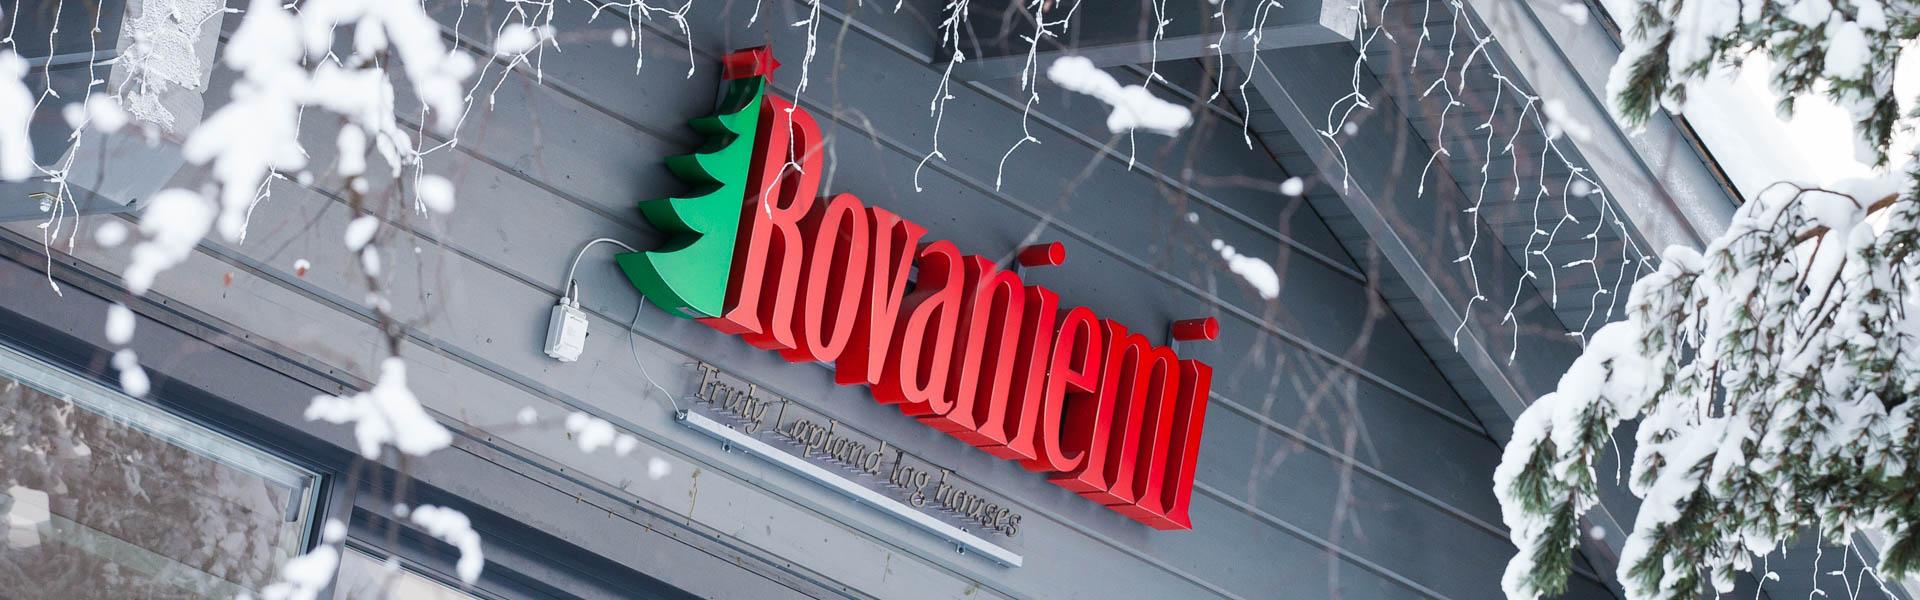 Rovaniemi Log House er produsent av autentiske trehus fra finske Lappland.